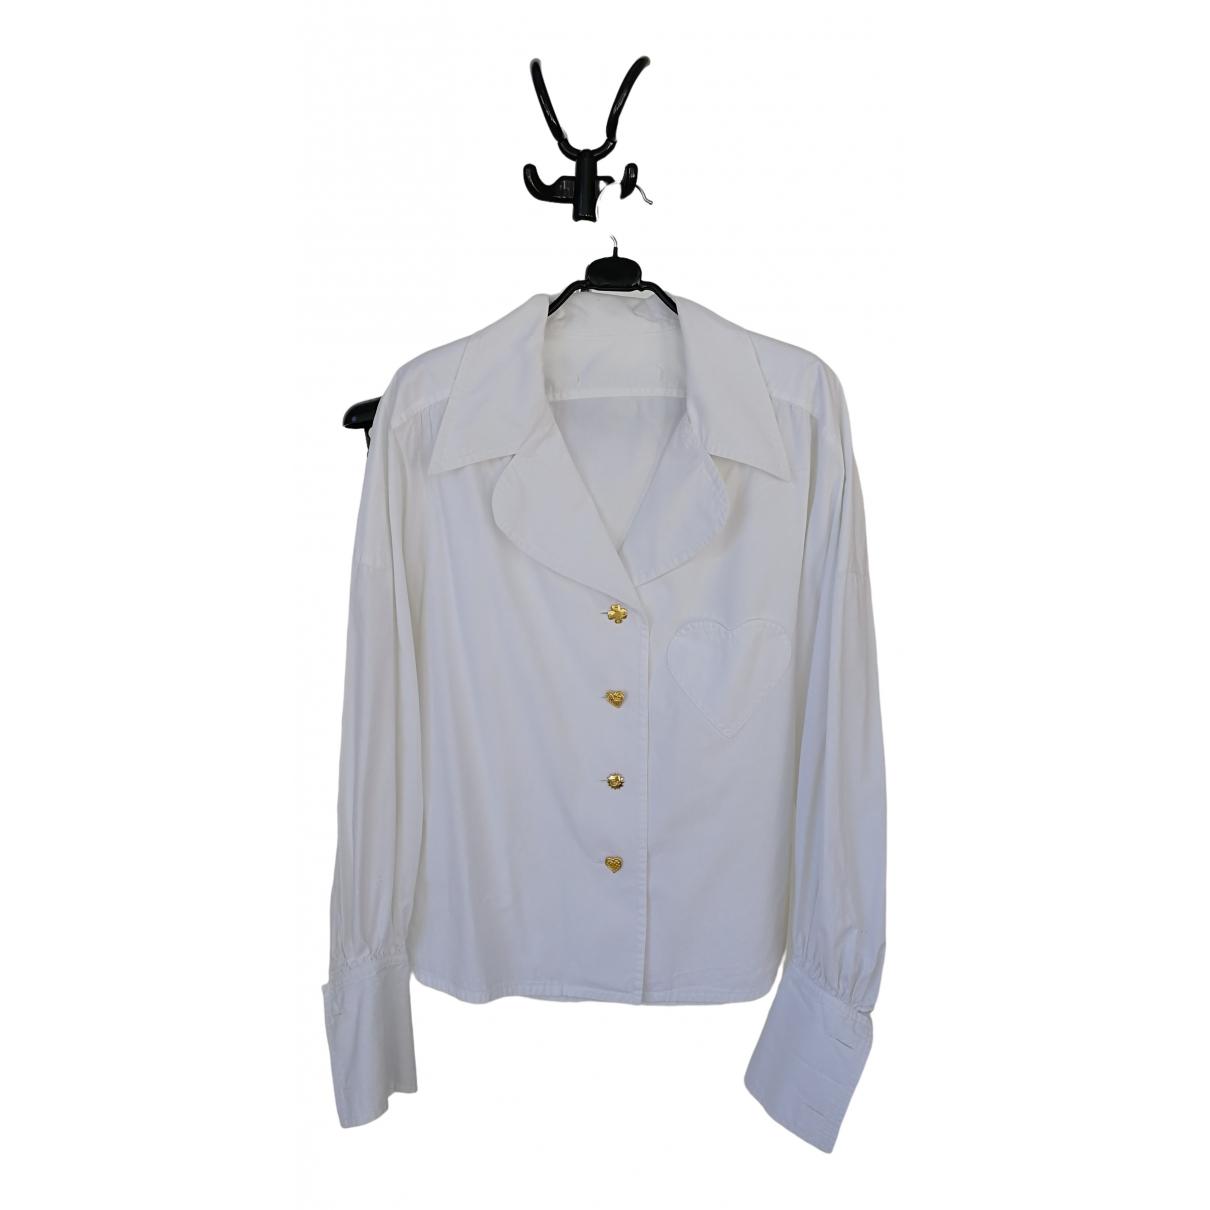 Christian Lacroix - Top   pour femme en coton - blanc